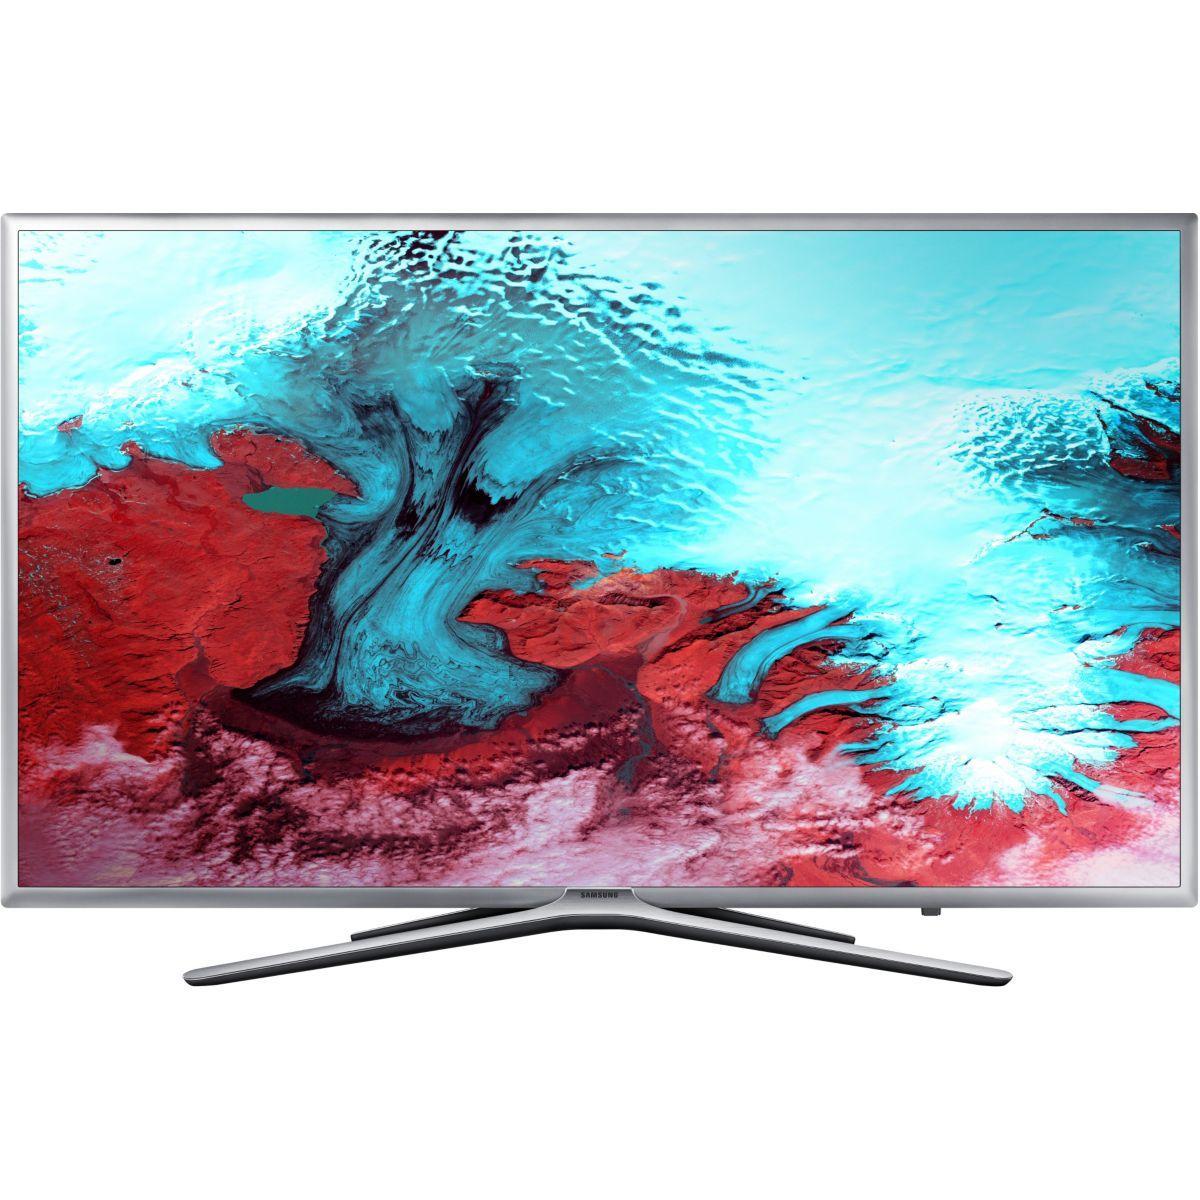 TV SAMSUNG UE49K5600 400 PQI SMART TV